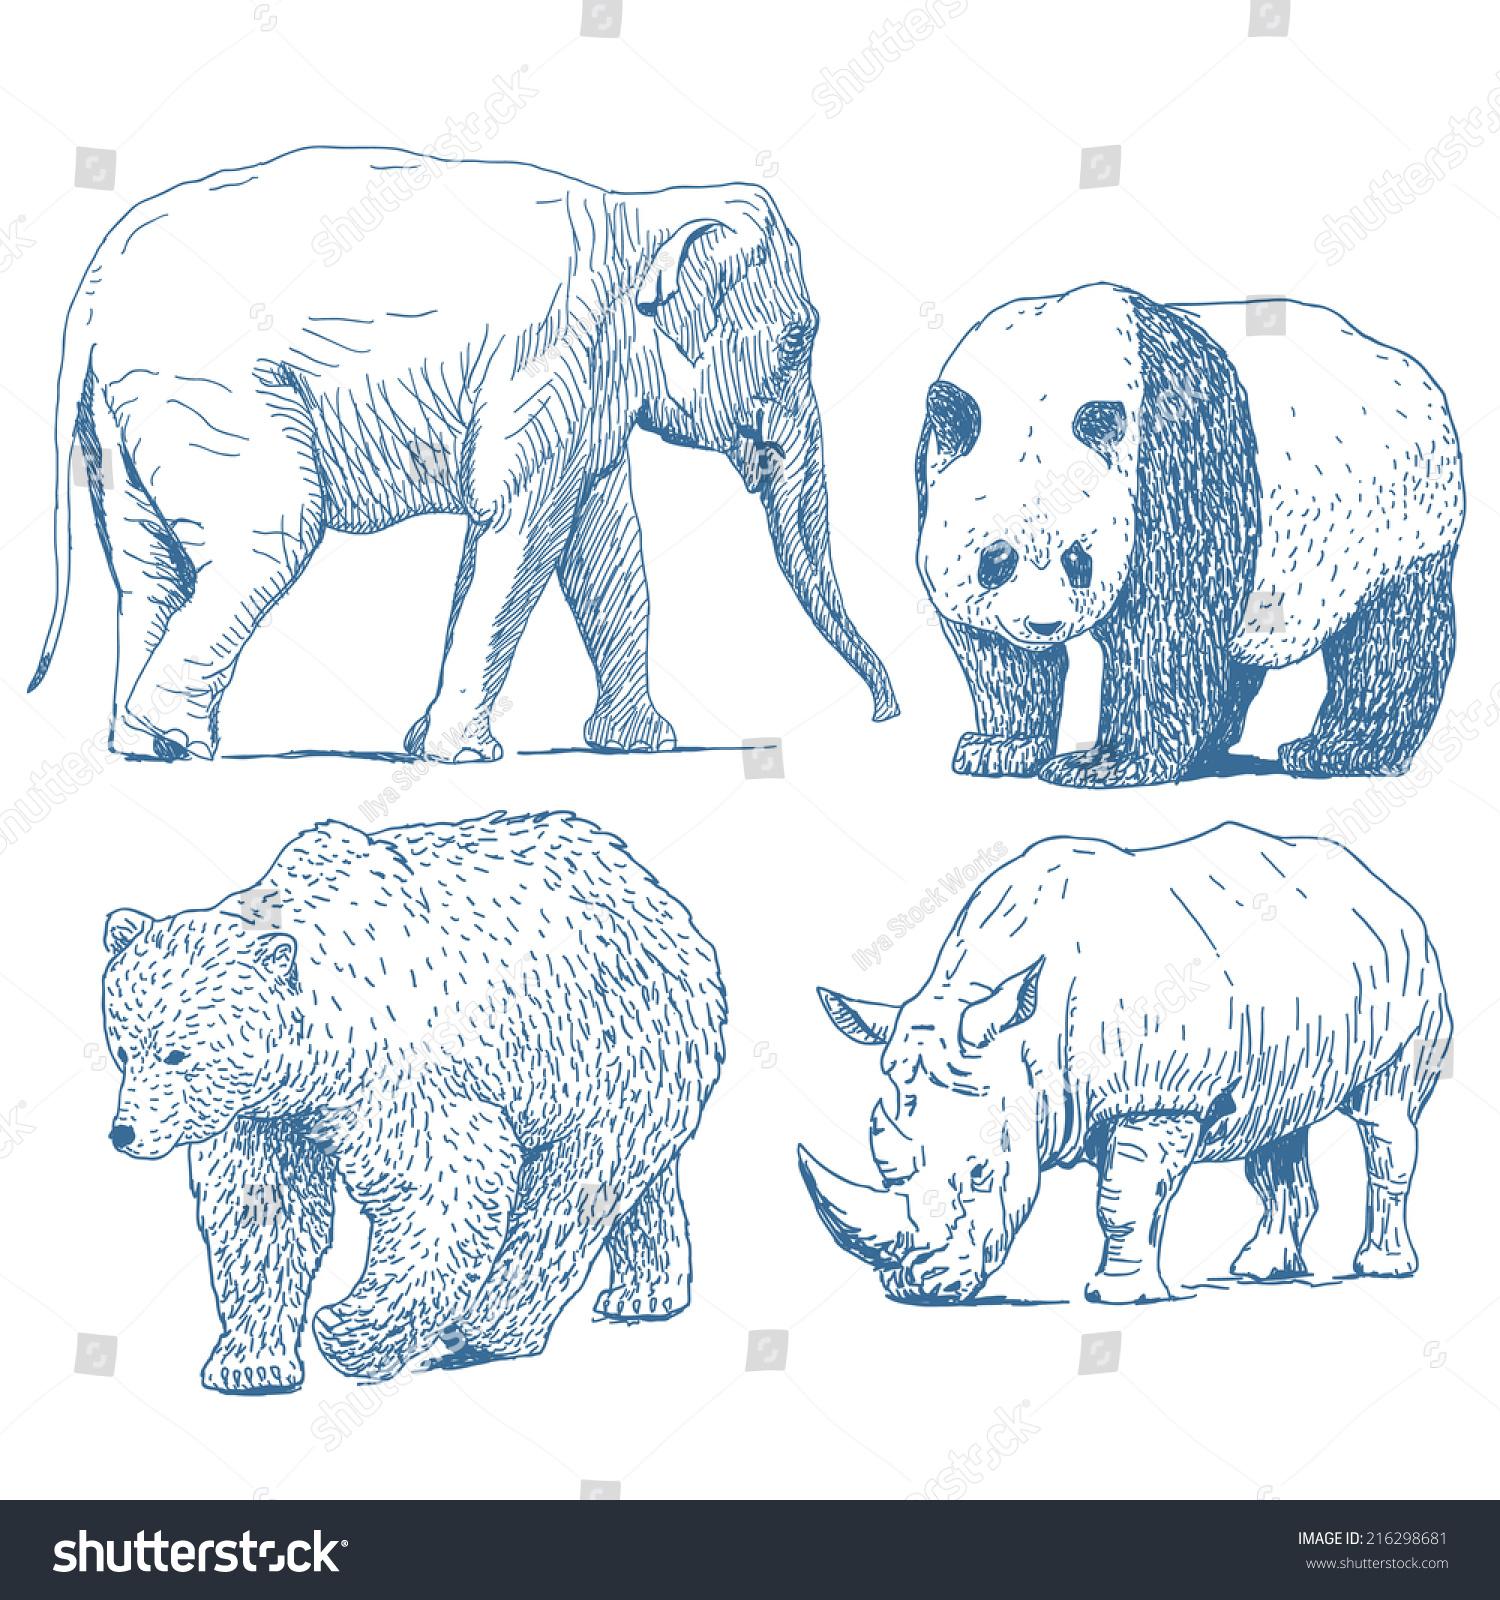 动物图纸集孤立在白色背景:大象,熊猫,熊,犀牛-动物